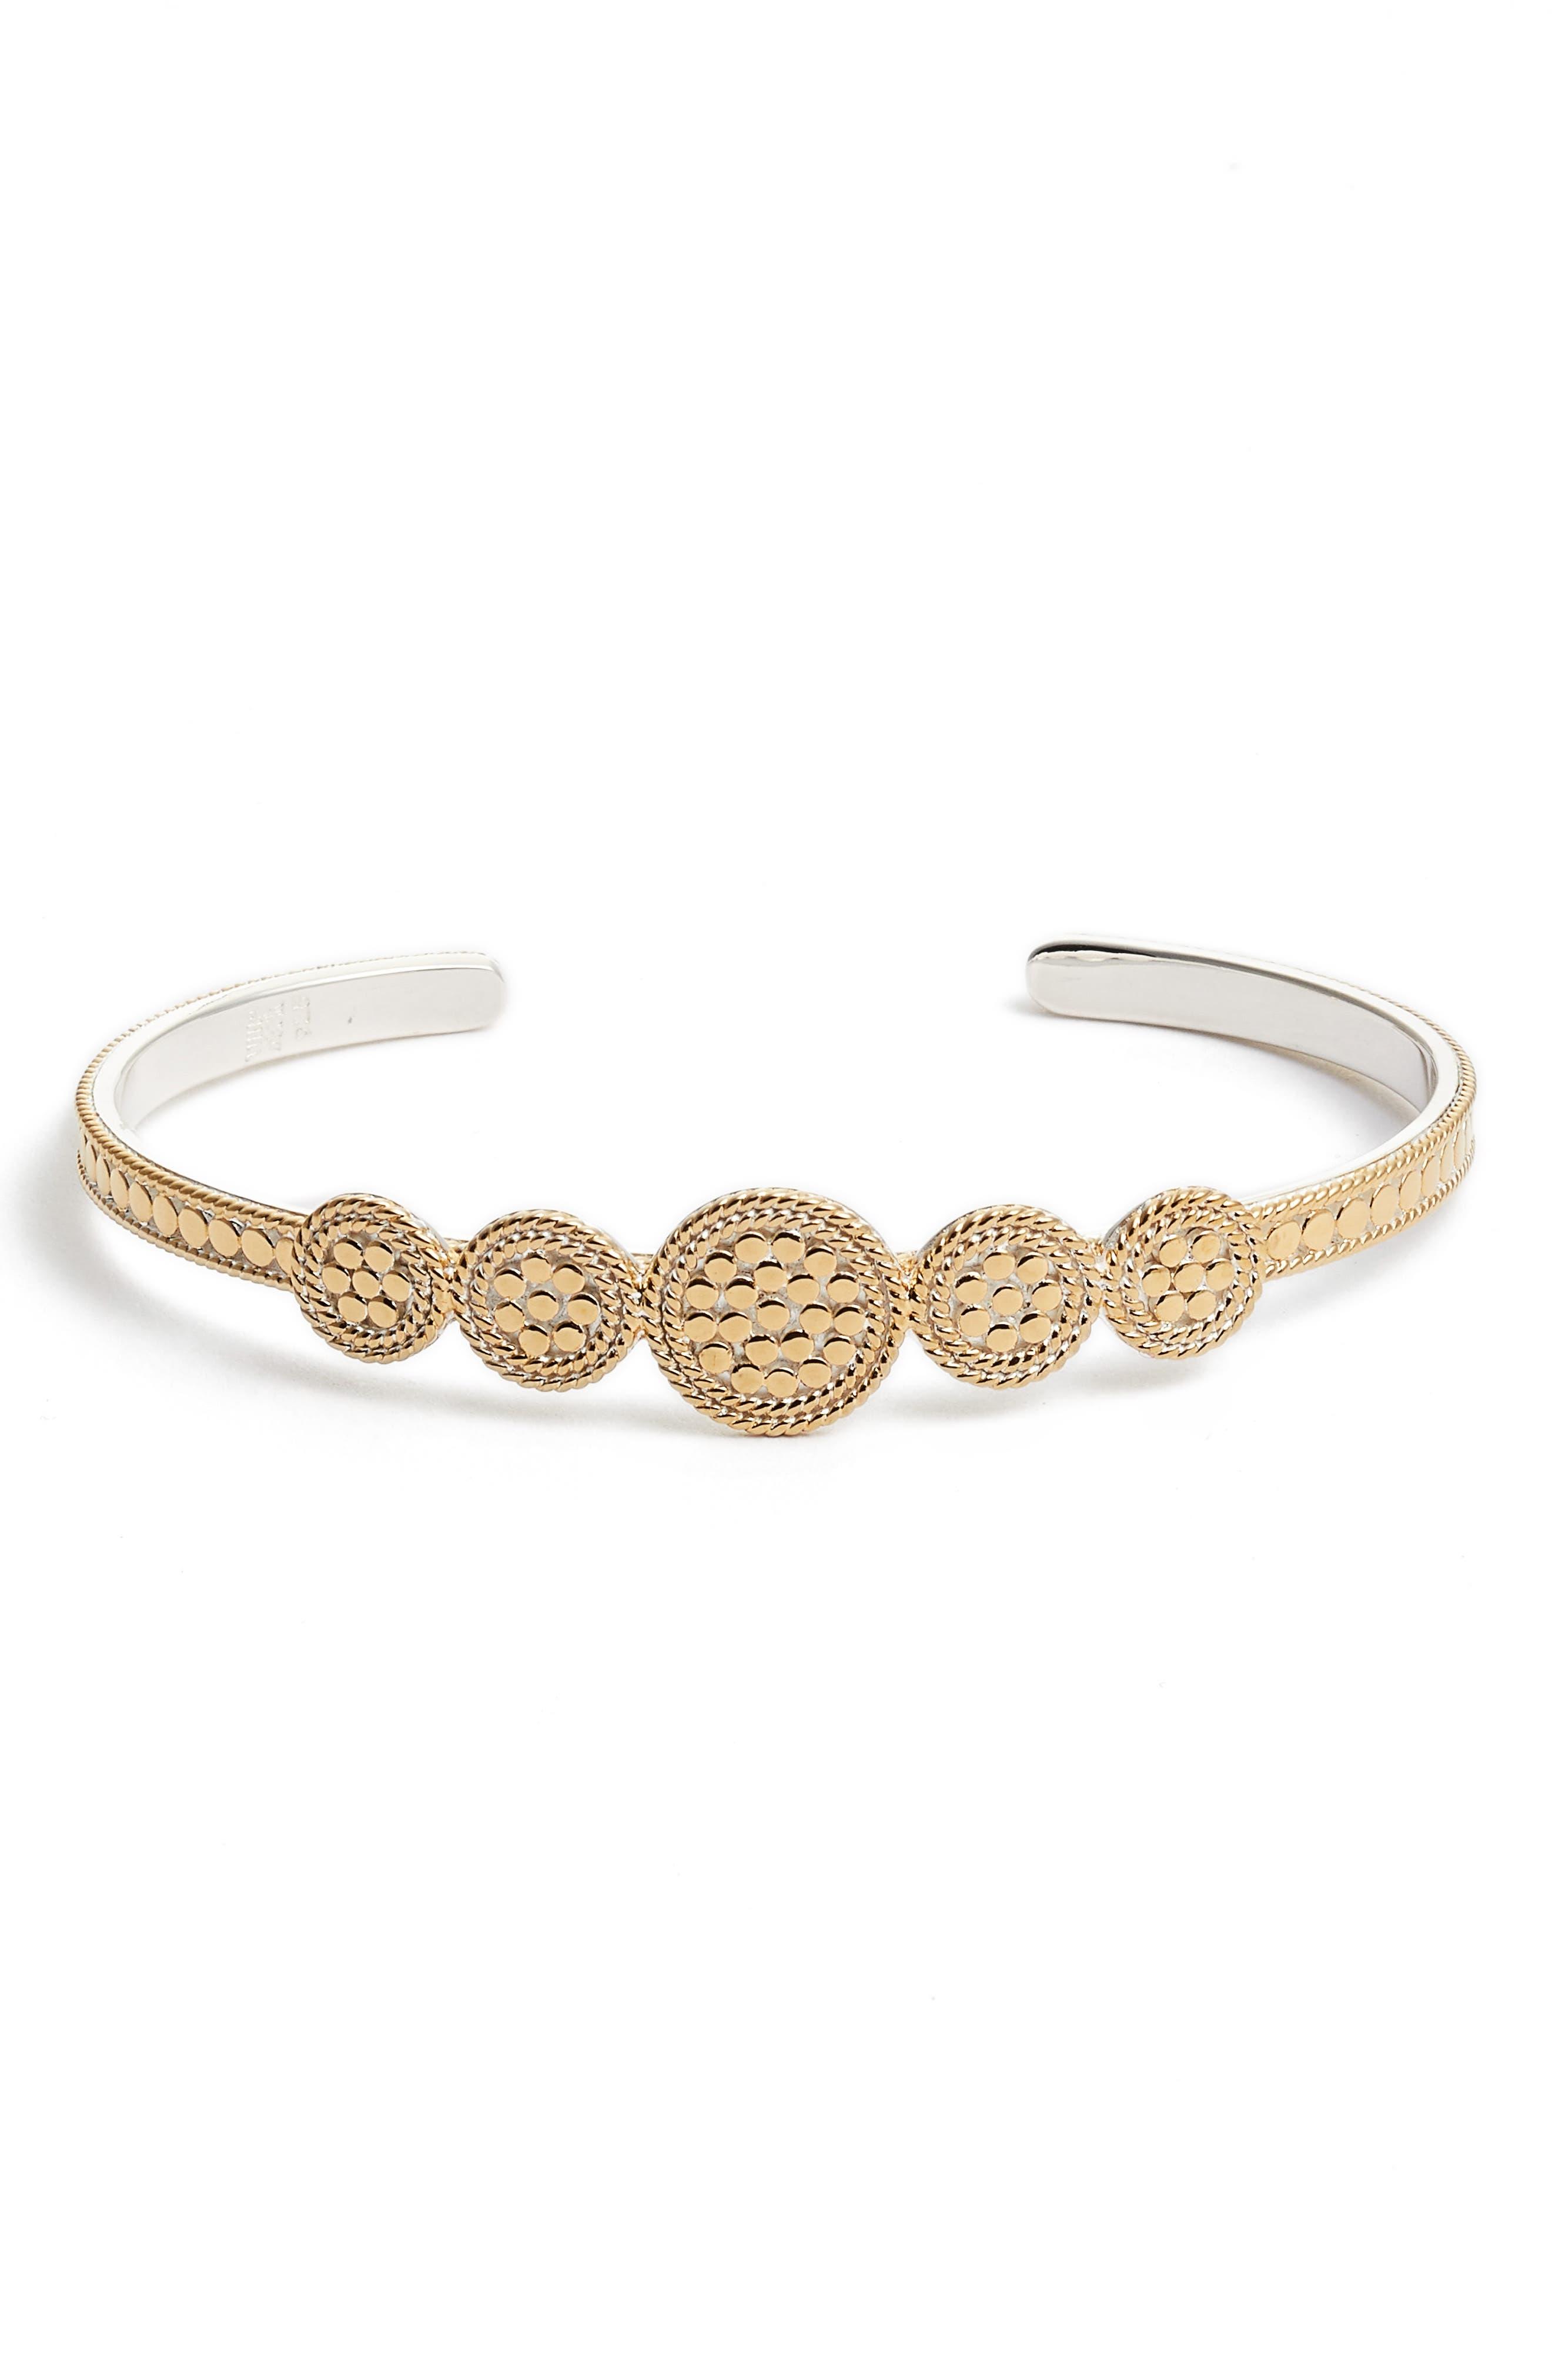 Anna Beck Gold Plate Multi Disc Cuff Bracelet